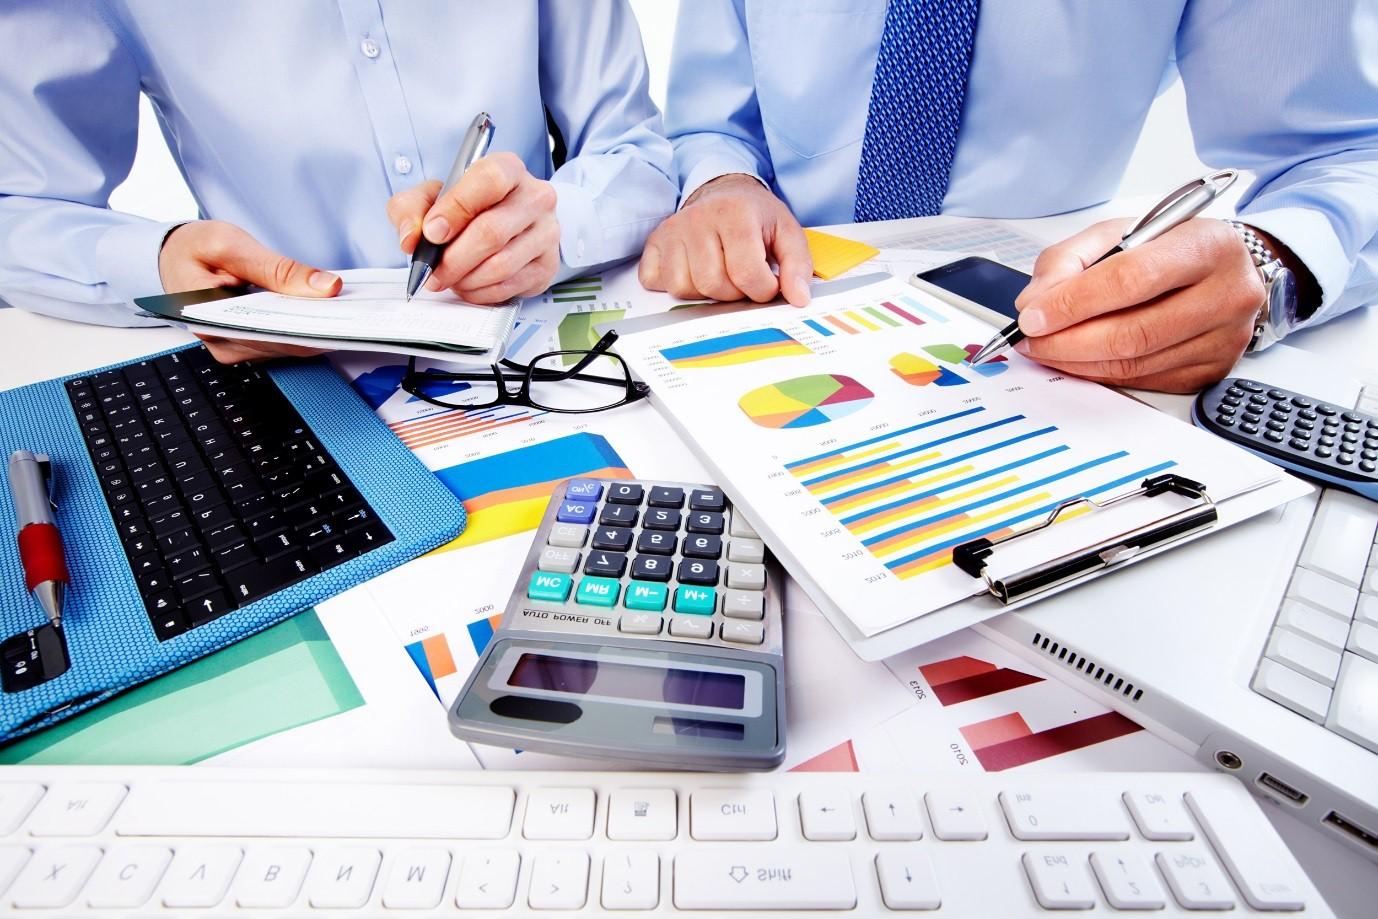 Khái niệm kế toán quản trị, vai trò kế toán quản trị trong doanh nghiệp